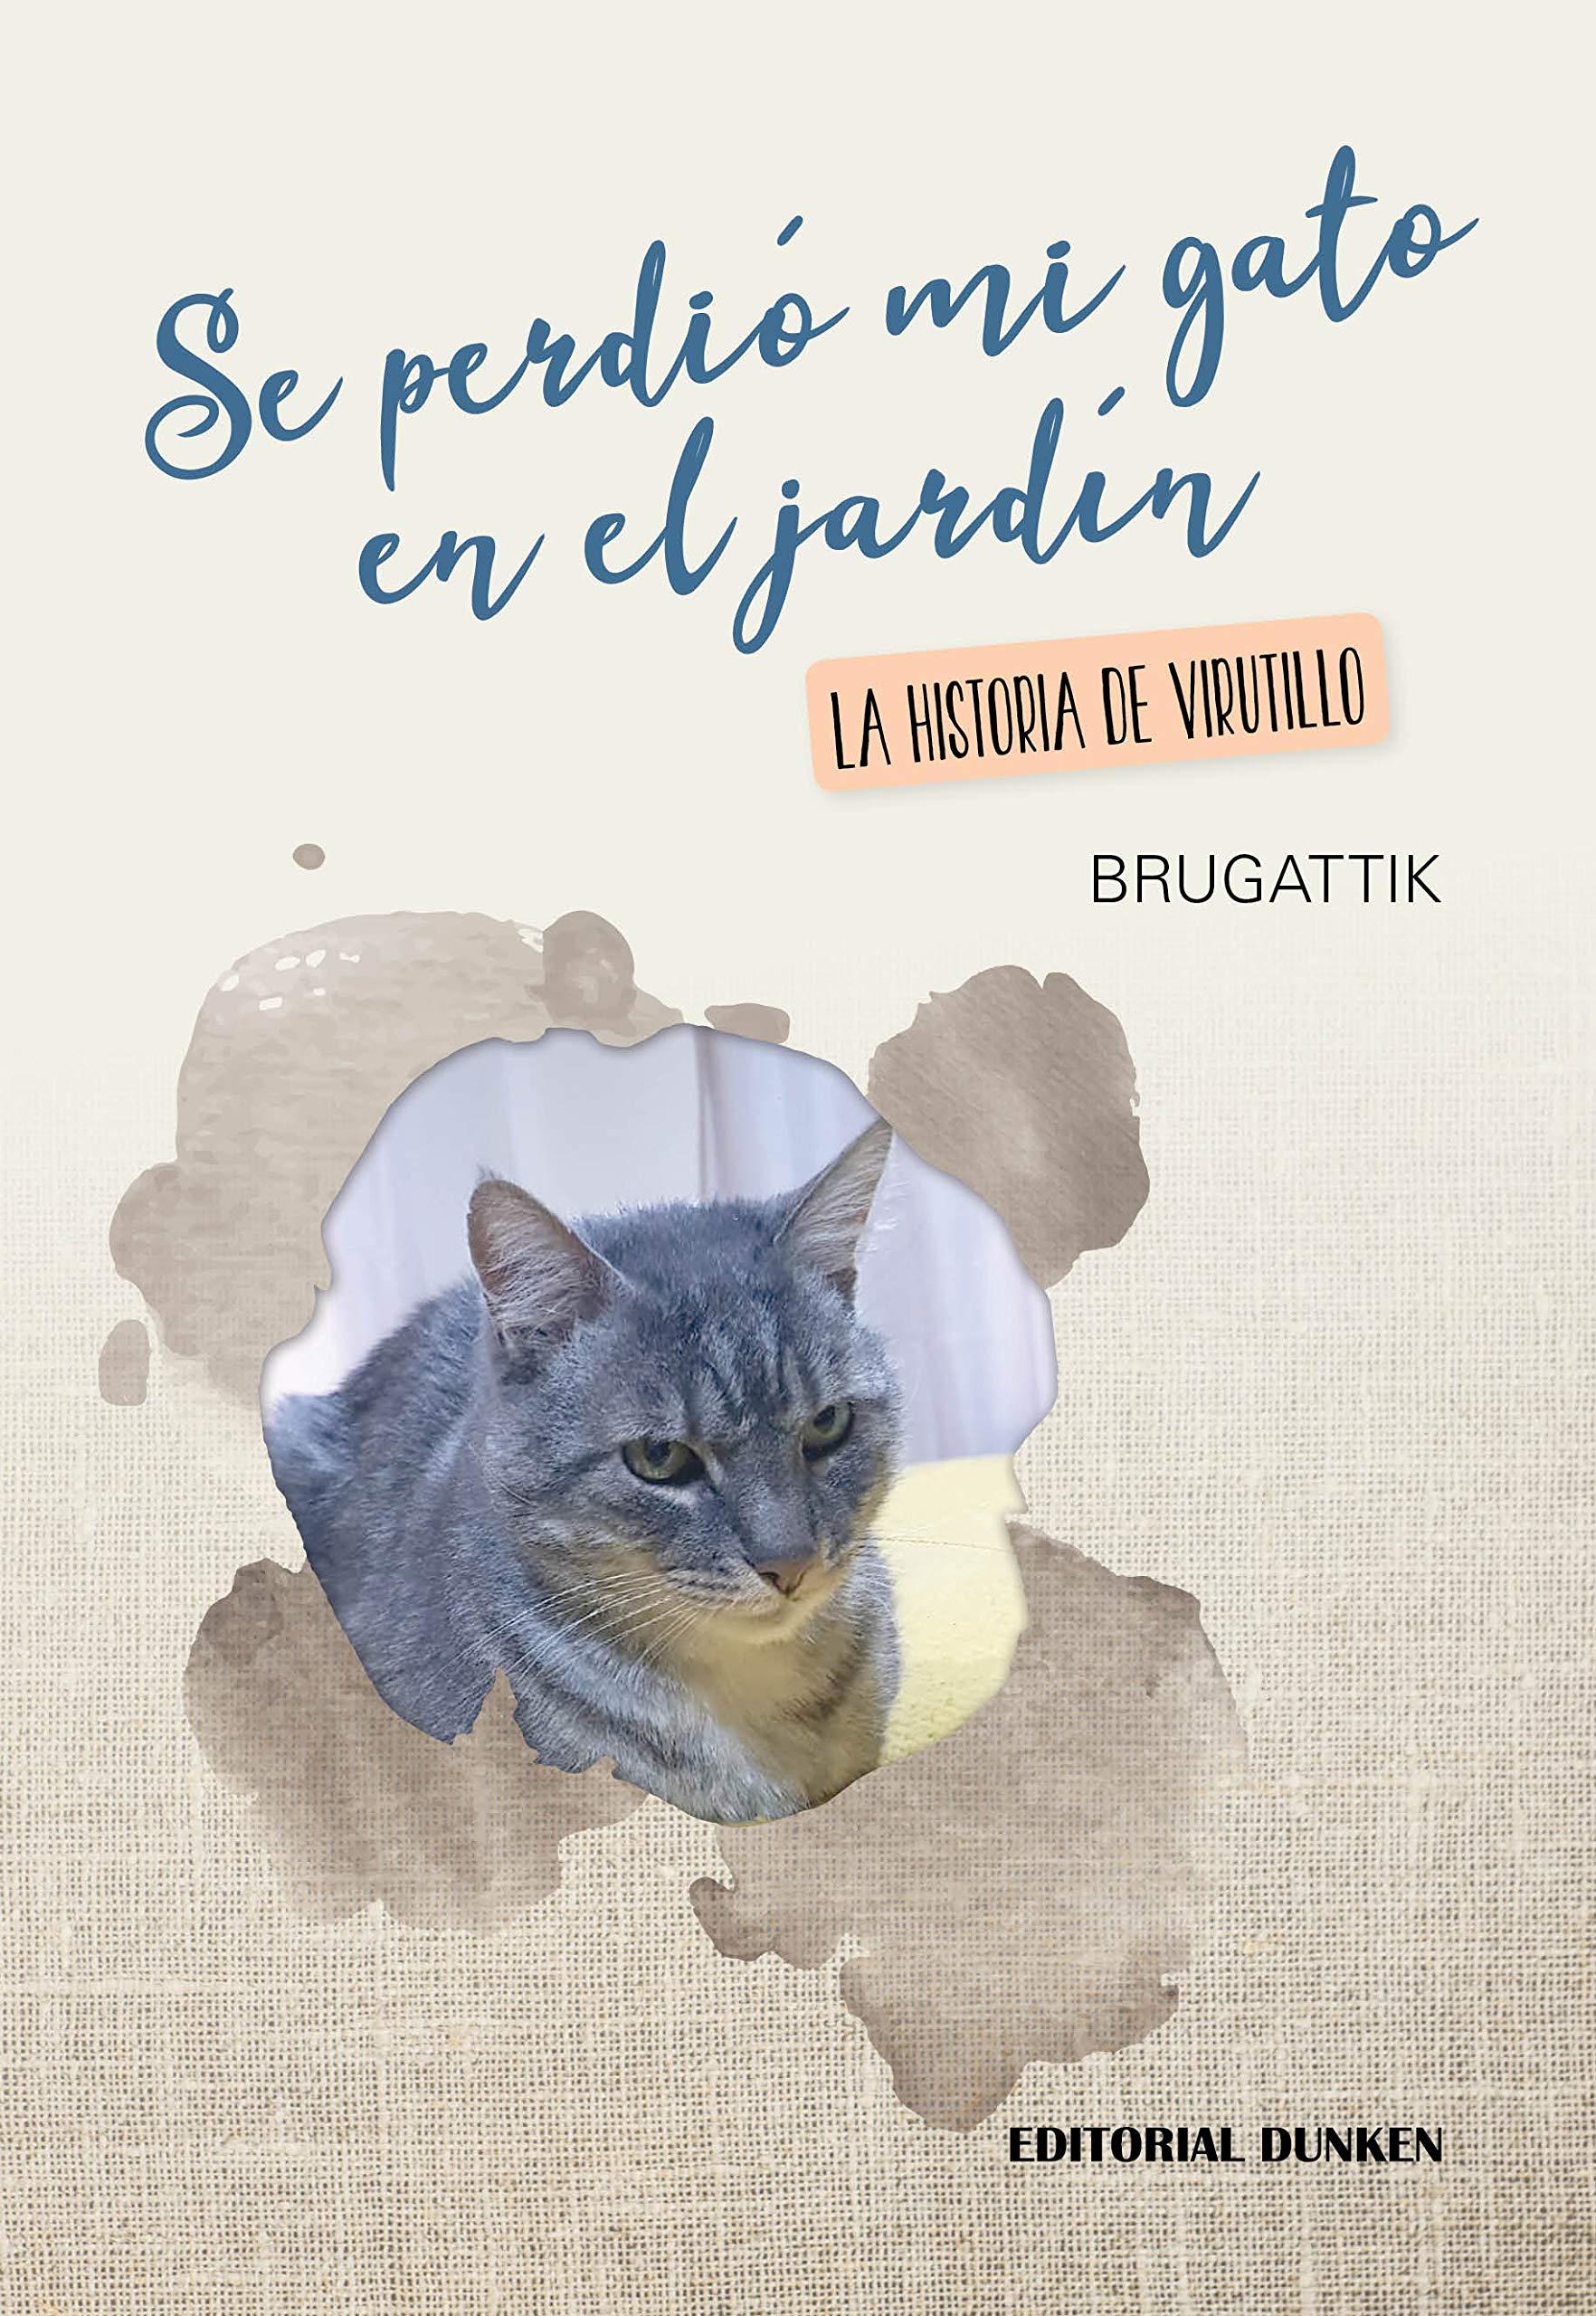 Se perdió mi gato en el jardín, la historia de Virutillo: Brugattik: 9789877637014: Amazon.com: Books